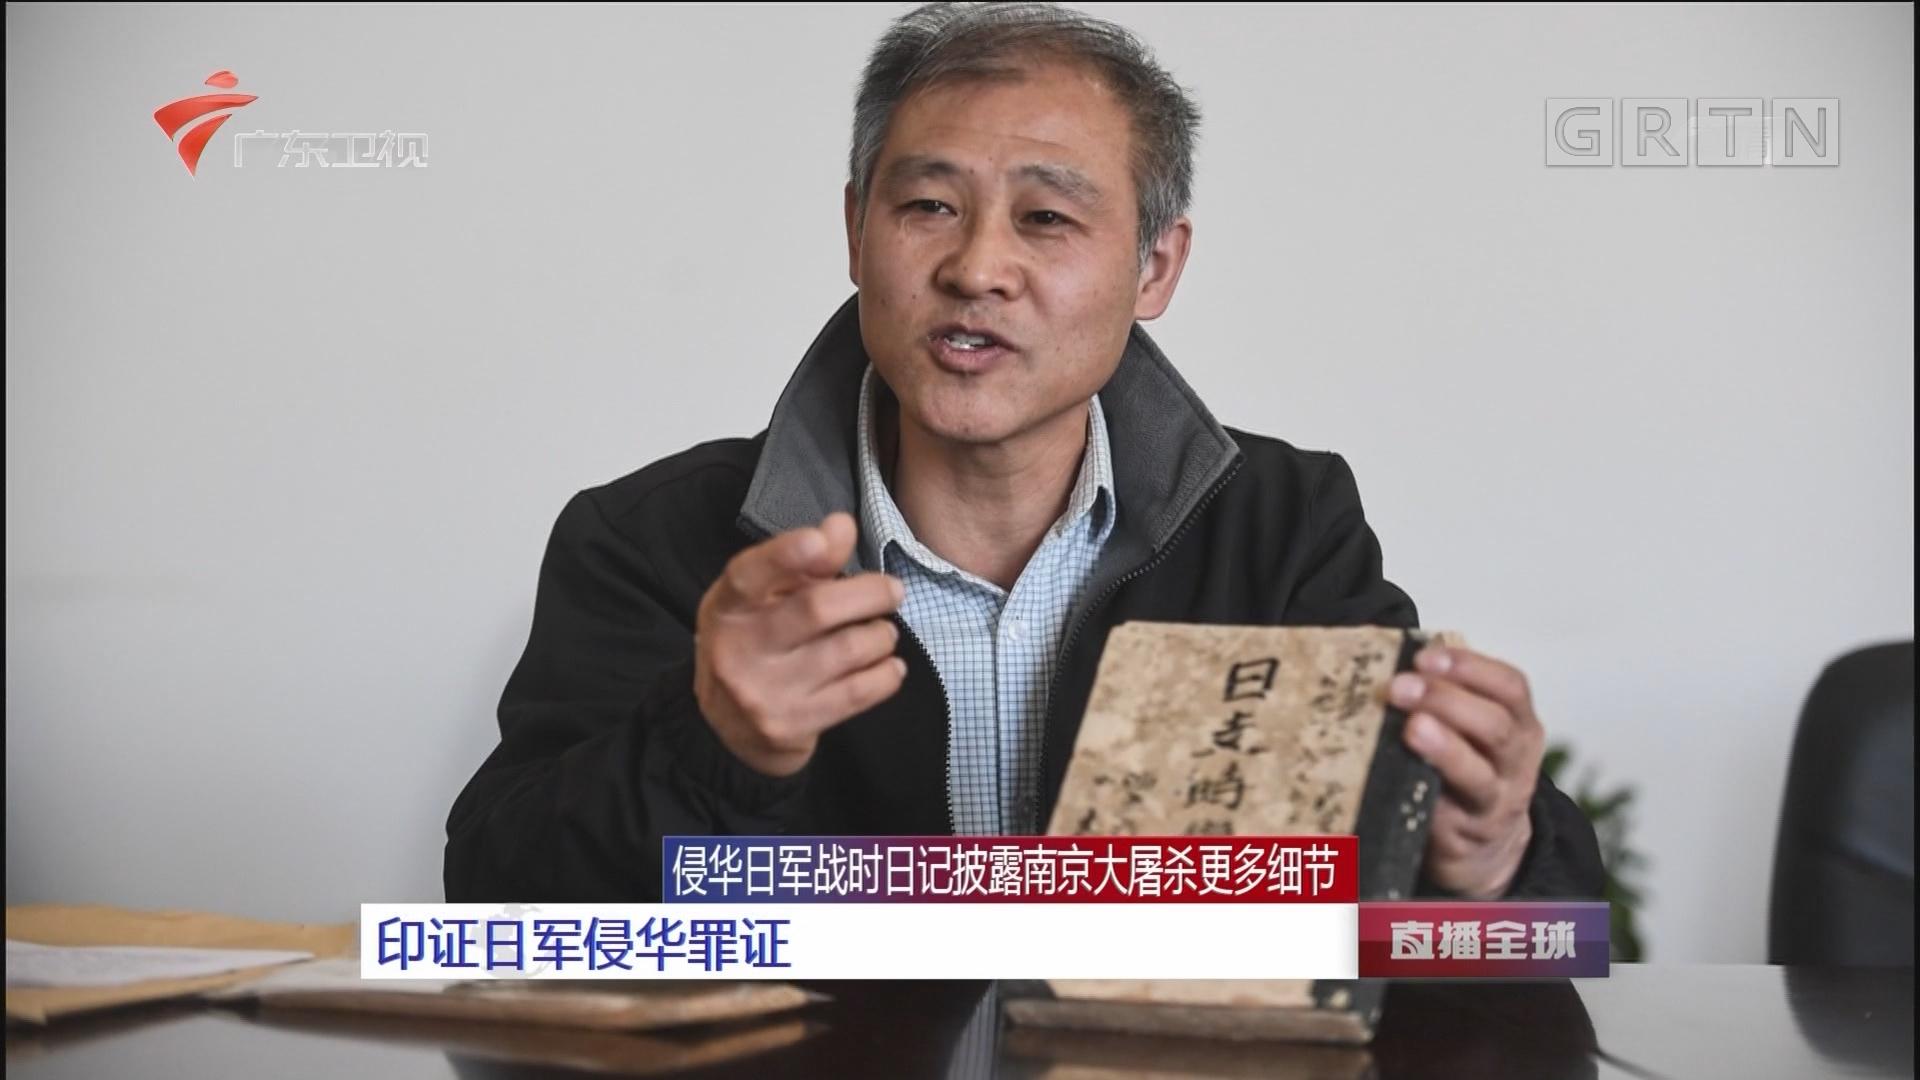 侵华日军战时日记披露南京大屠杀更多细节:印证日军侵华罪证